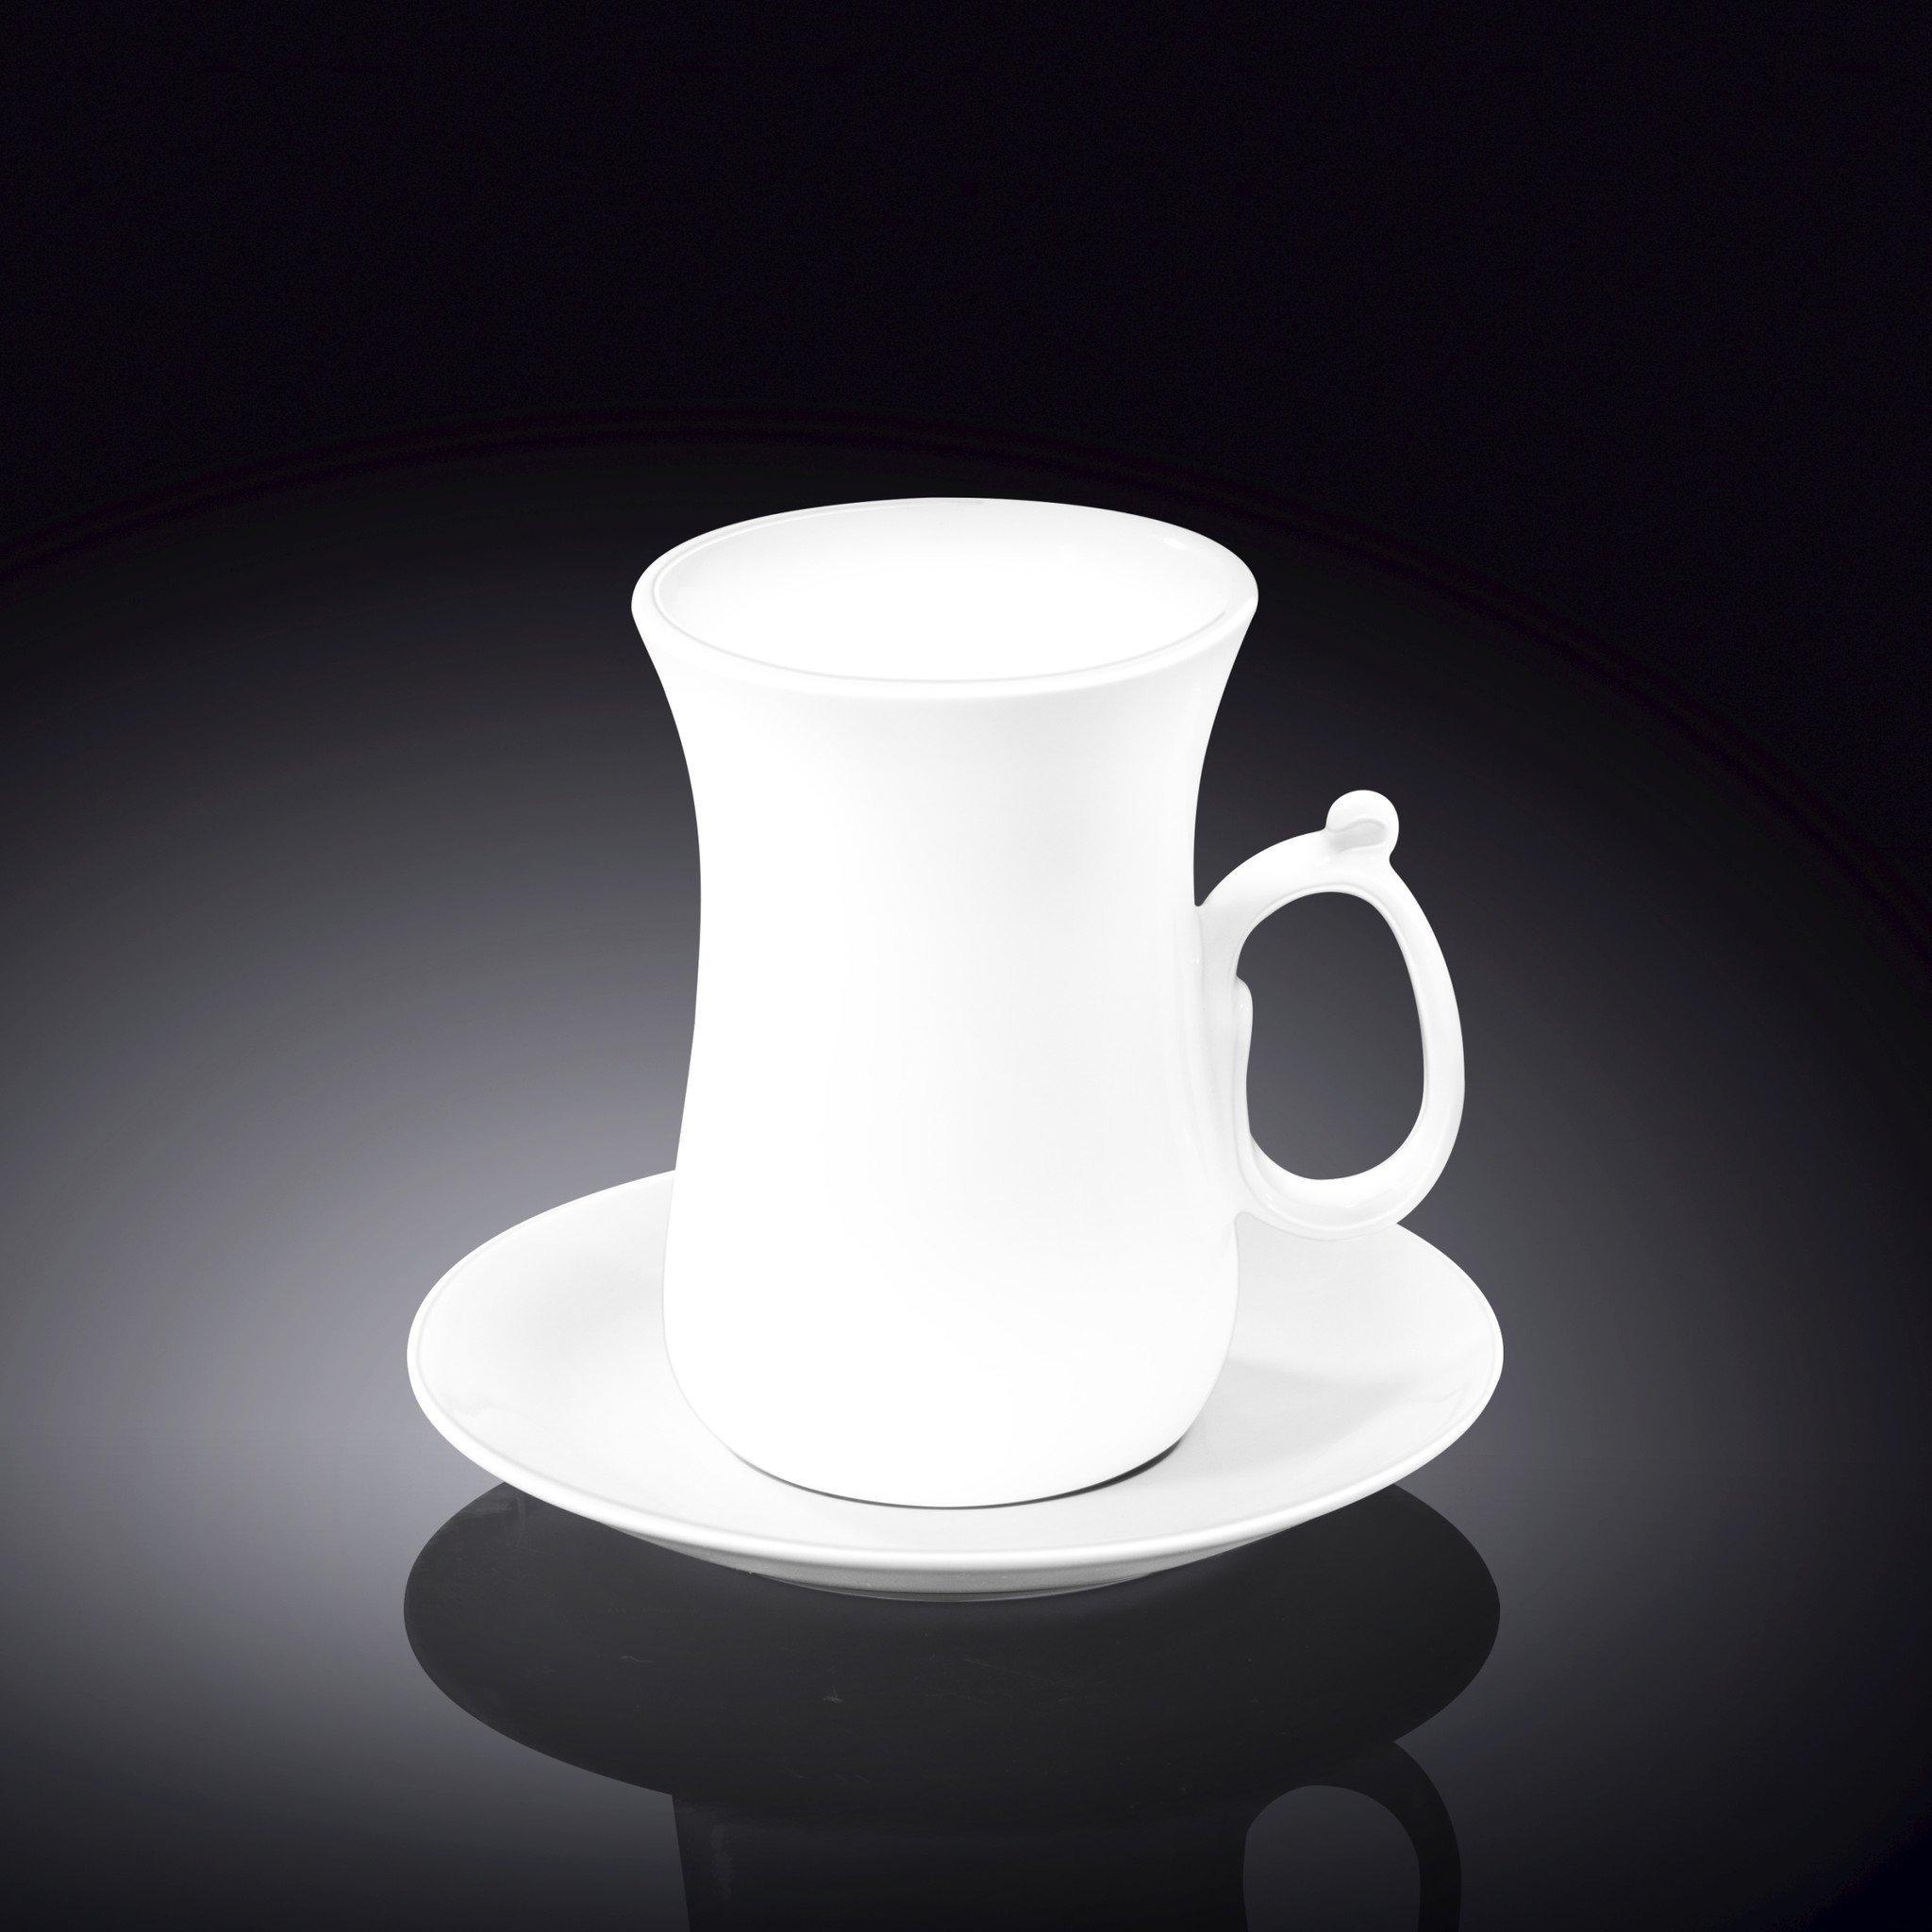 Набор: чайная чашка & блюдце 120мл Wilmax 6 пар  в цв. уп.